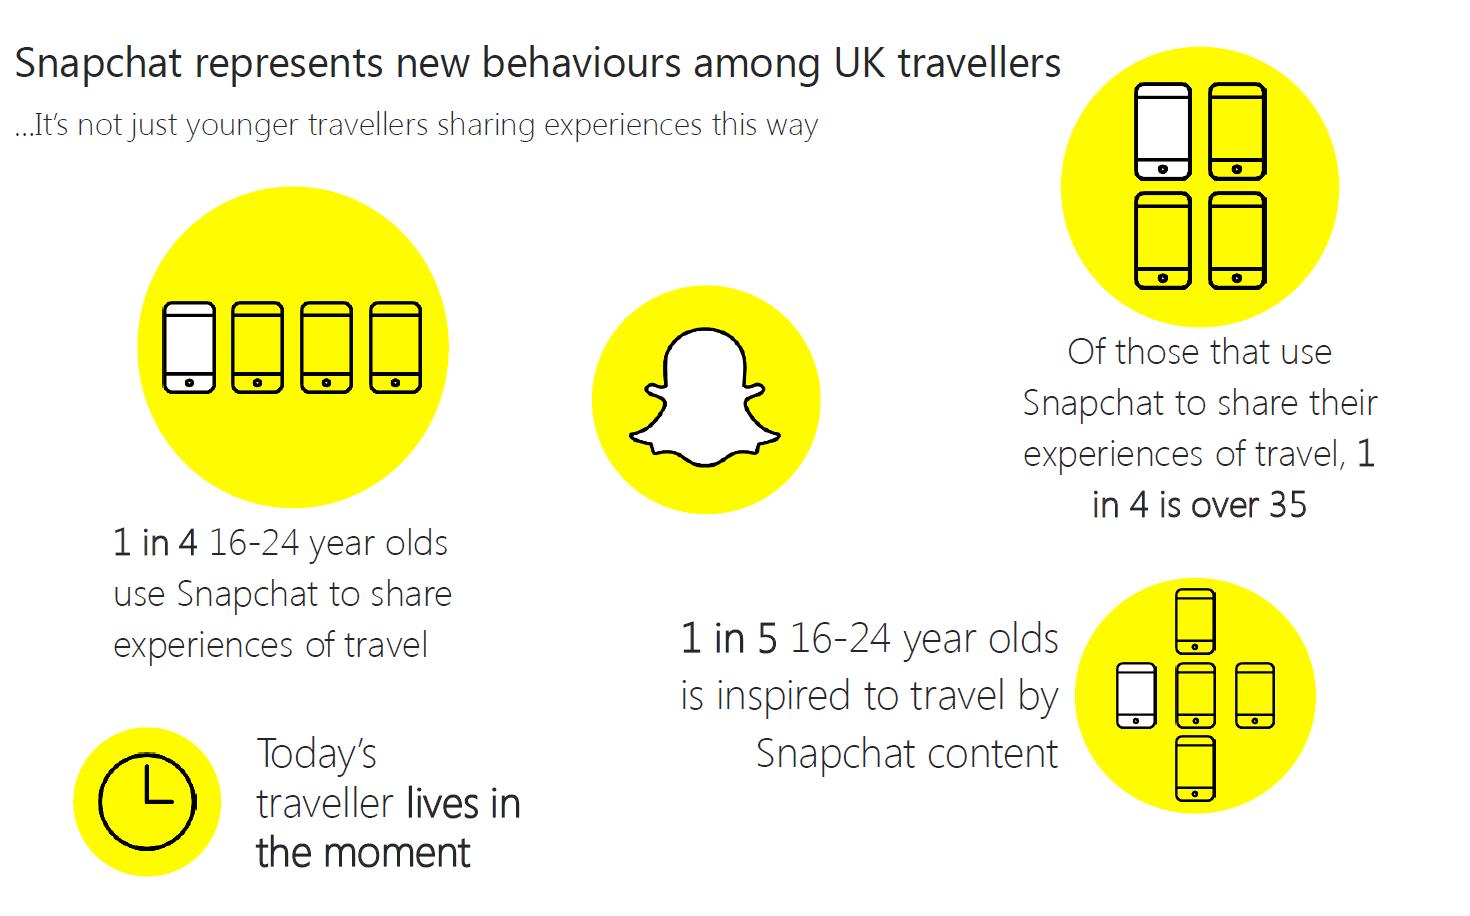 Snapchat in the UK